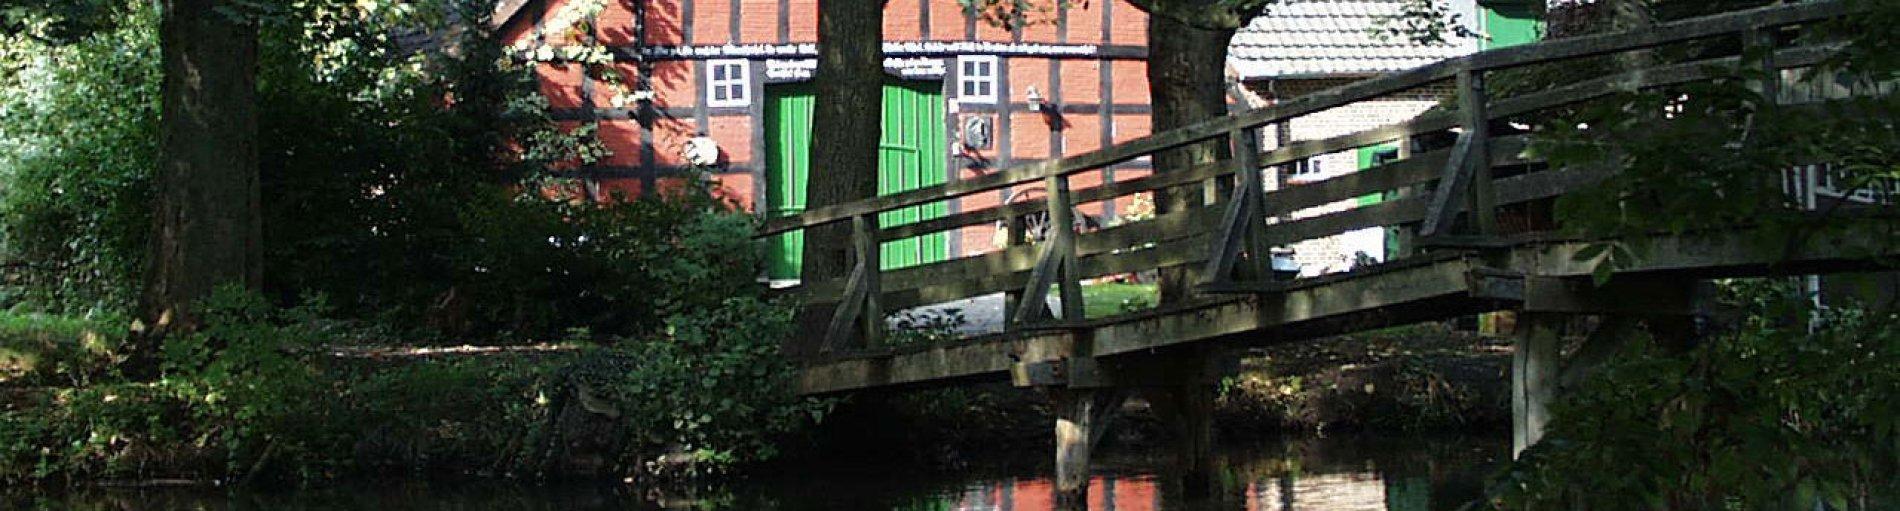 Eine hölzerne Brücke führt über einen Fluss zu einem Fachwerkhaus.